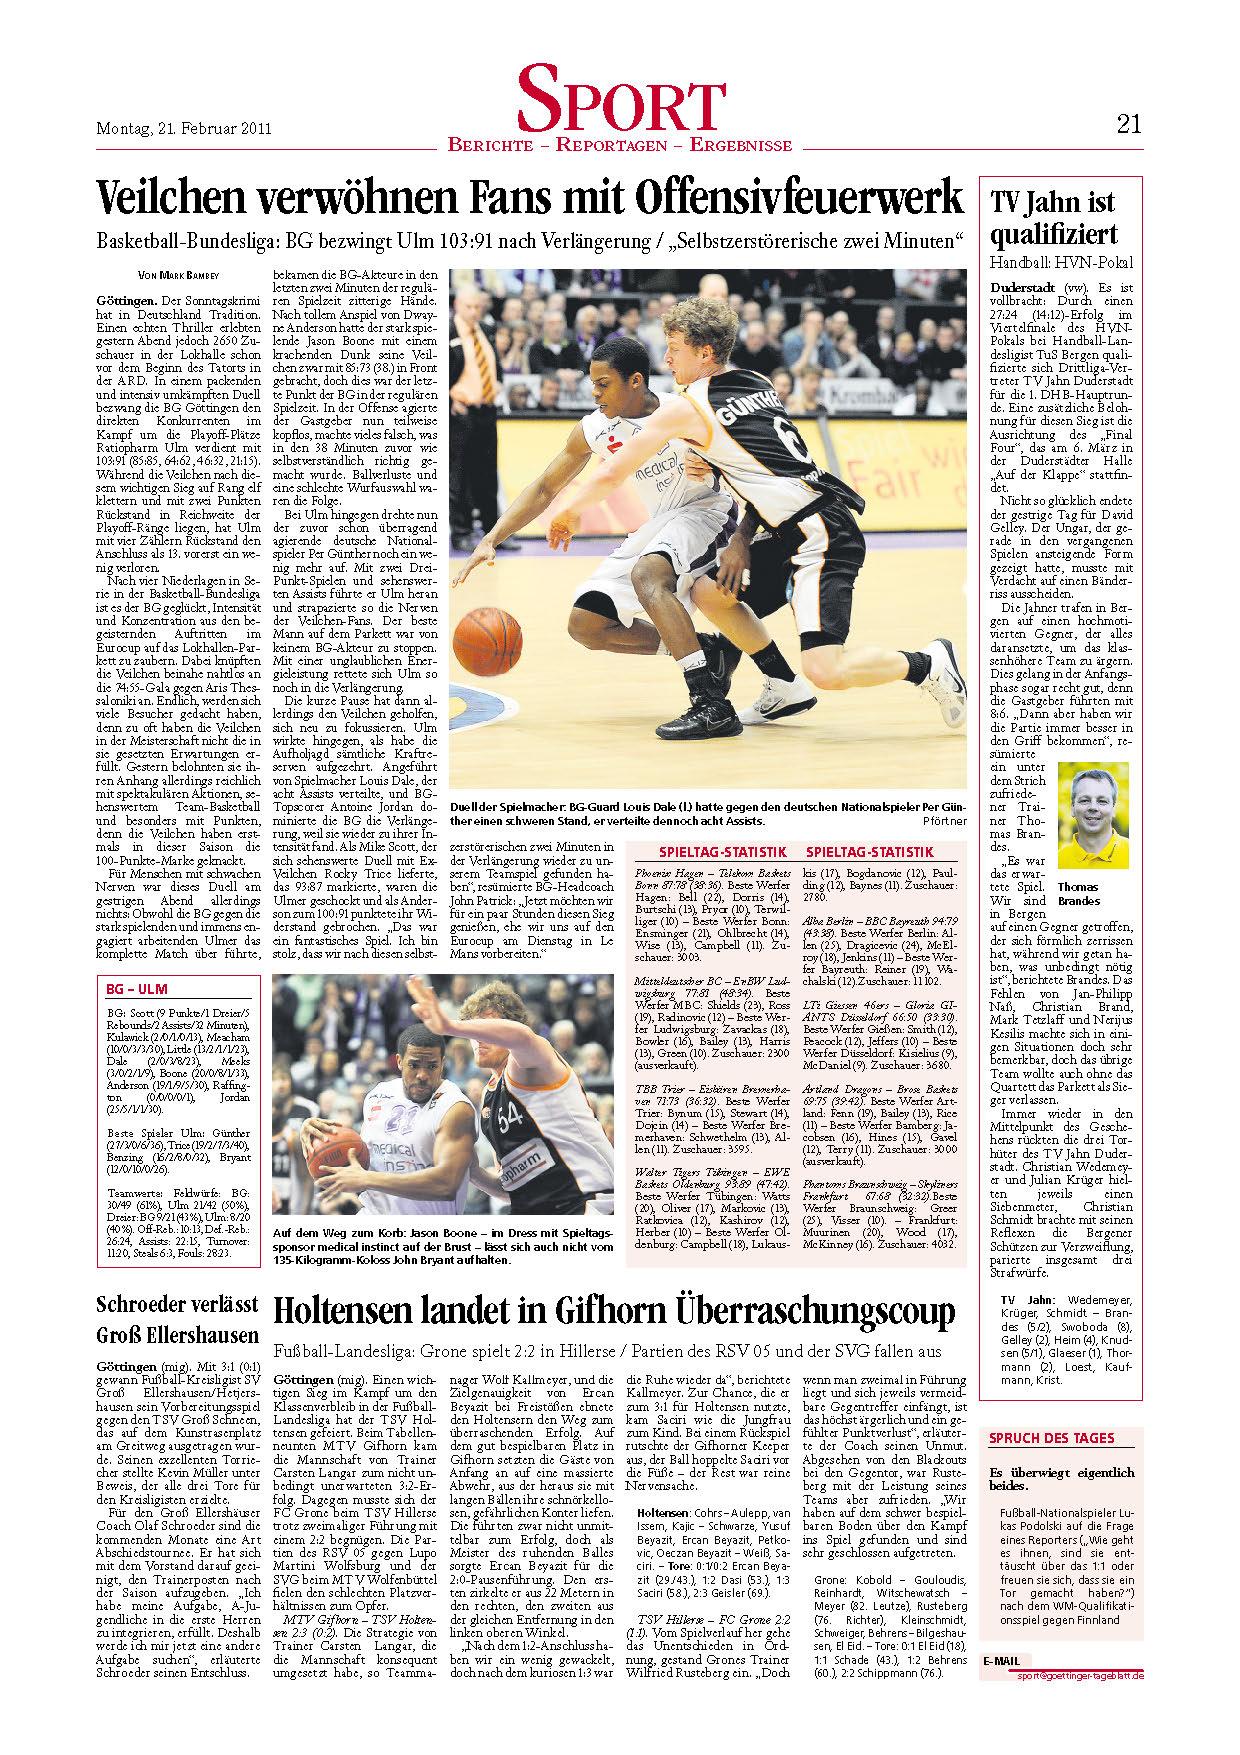 Goettinger Tageblatt - Verlängerungskrimi – BG bezwingt Ulm